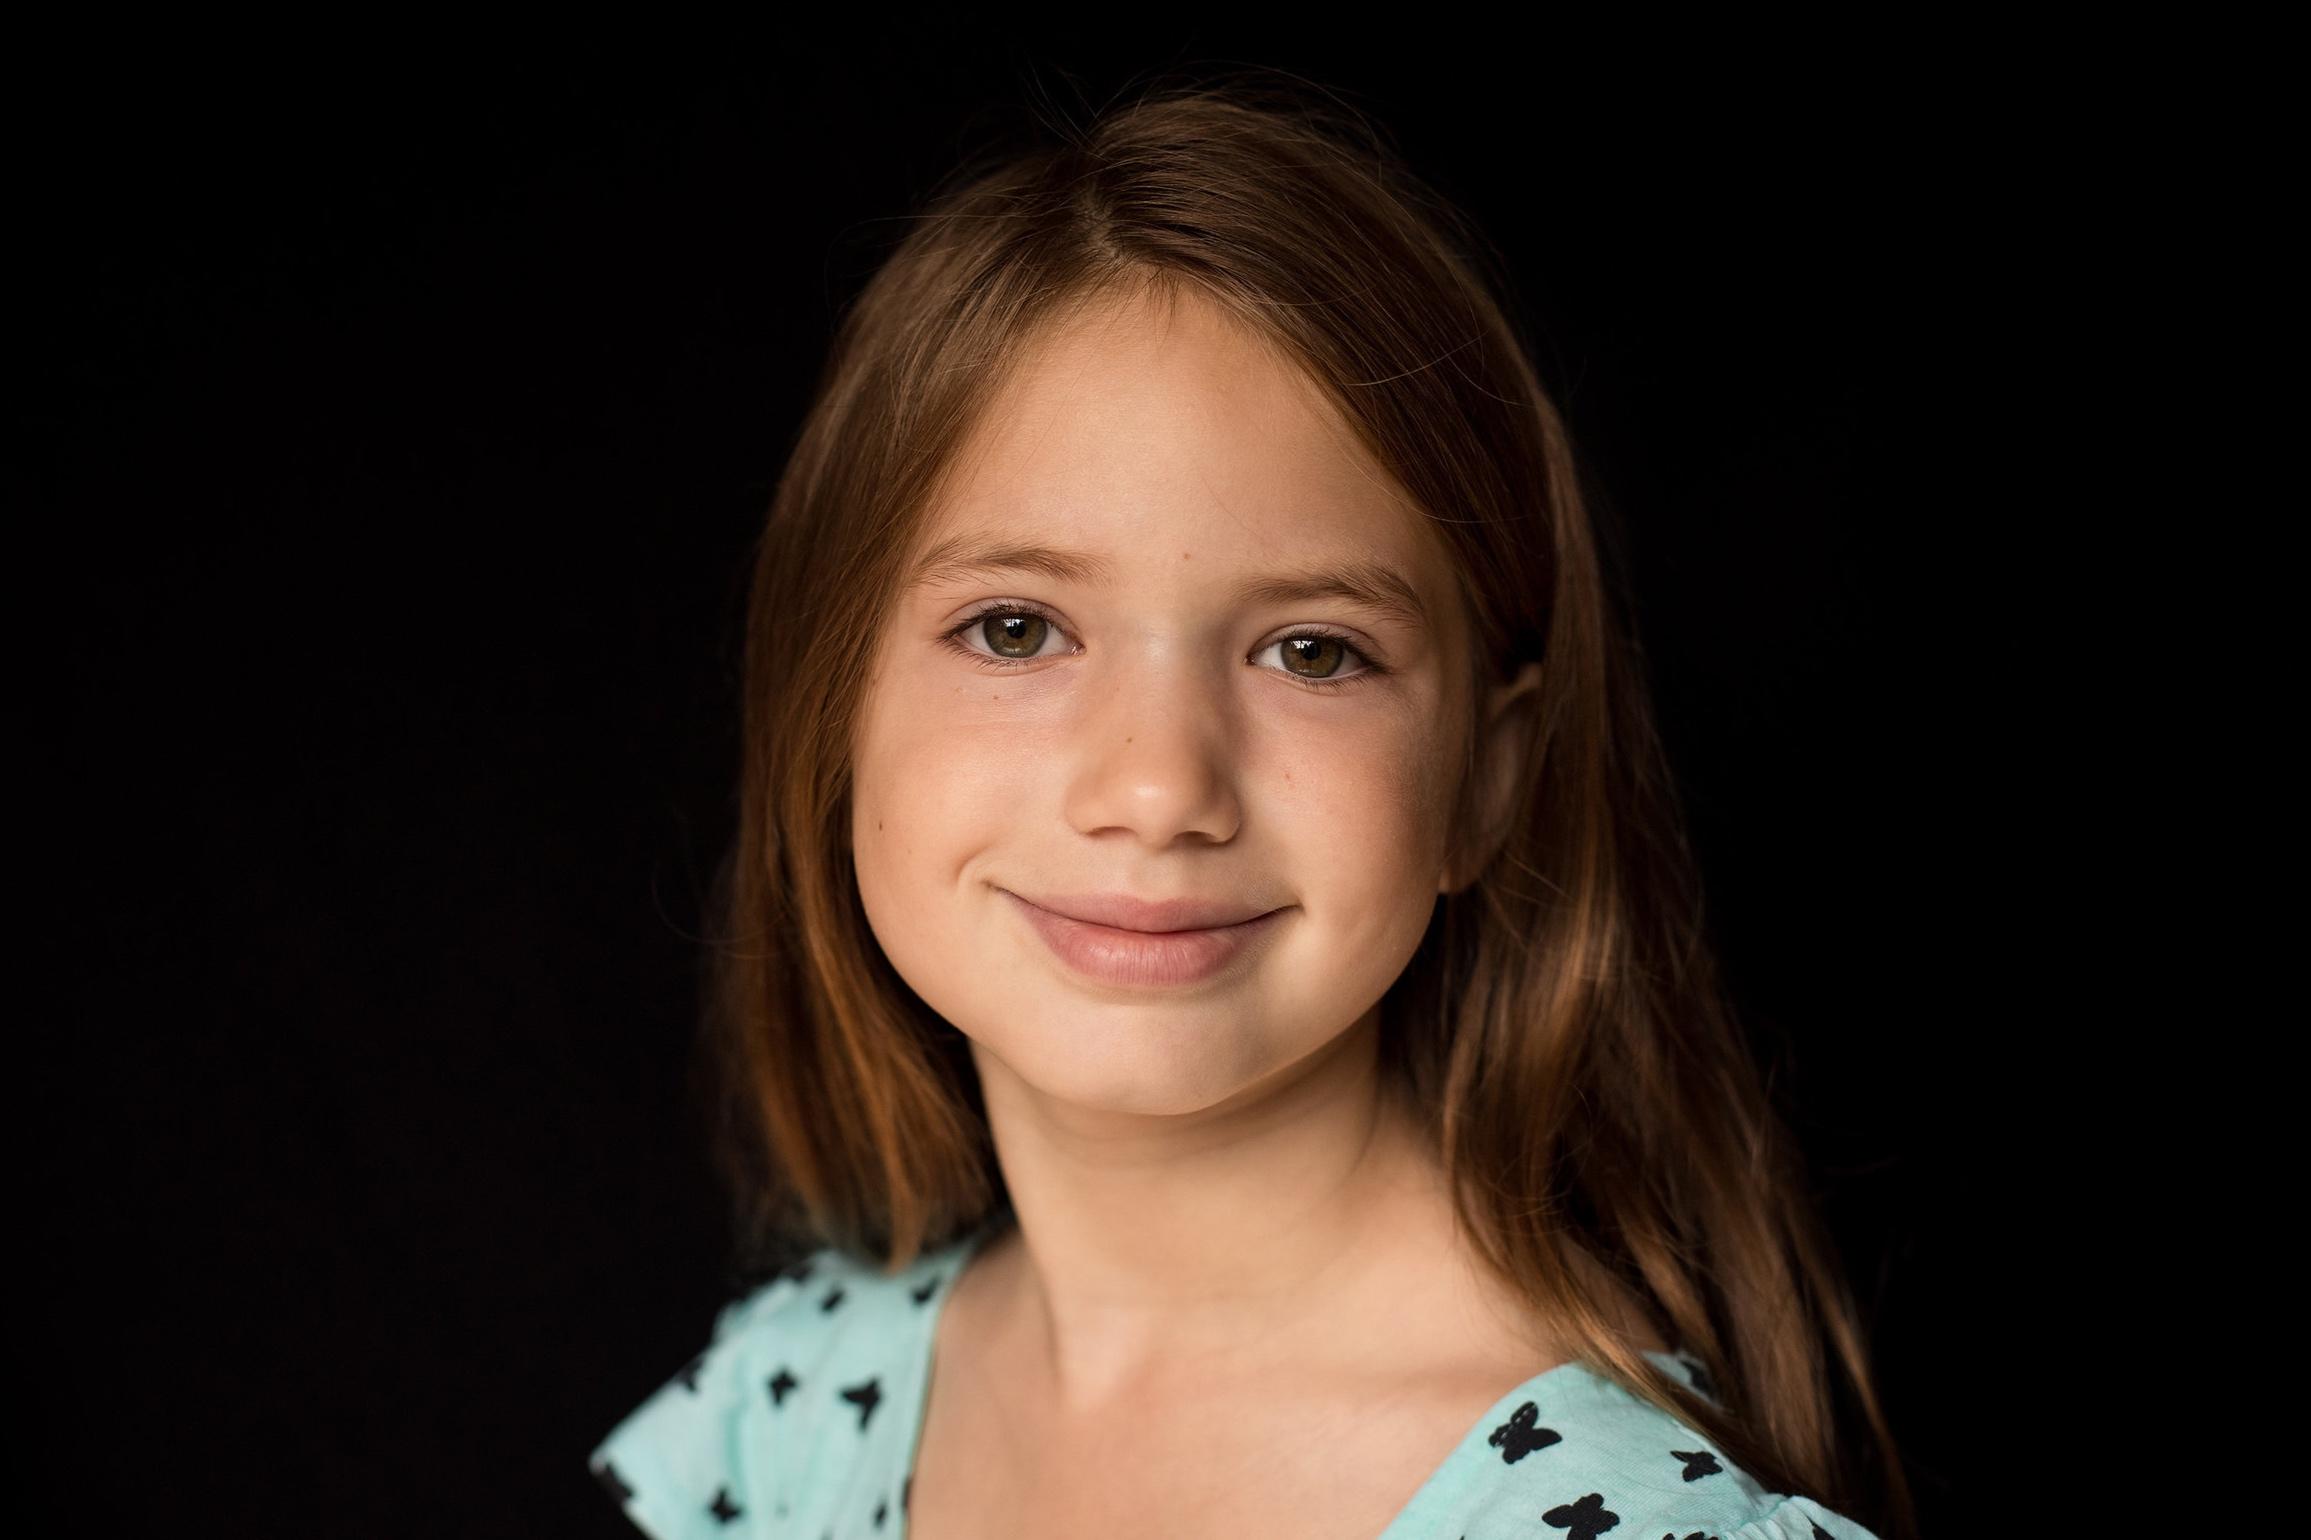 grade school portrait girl